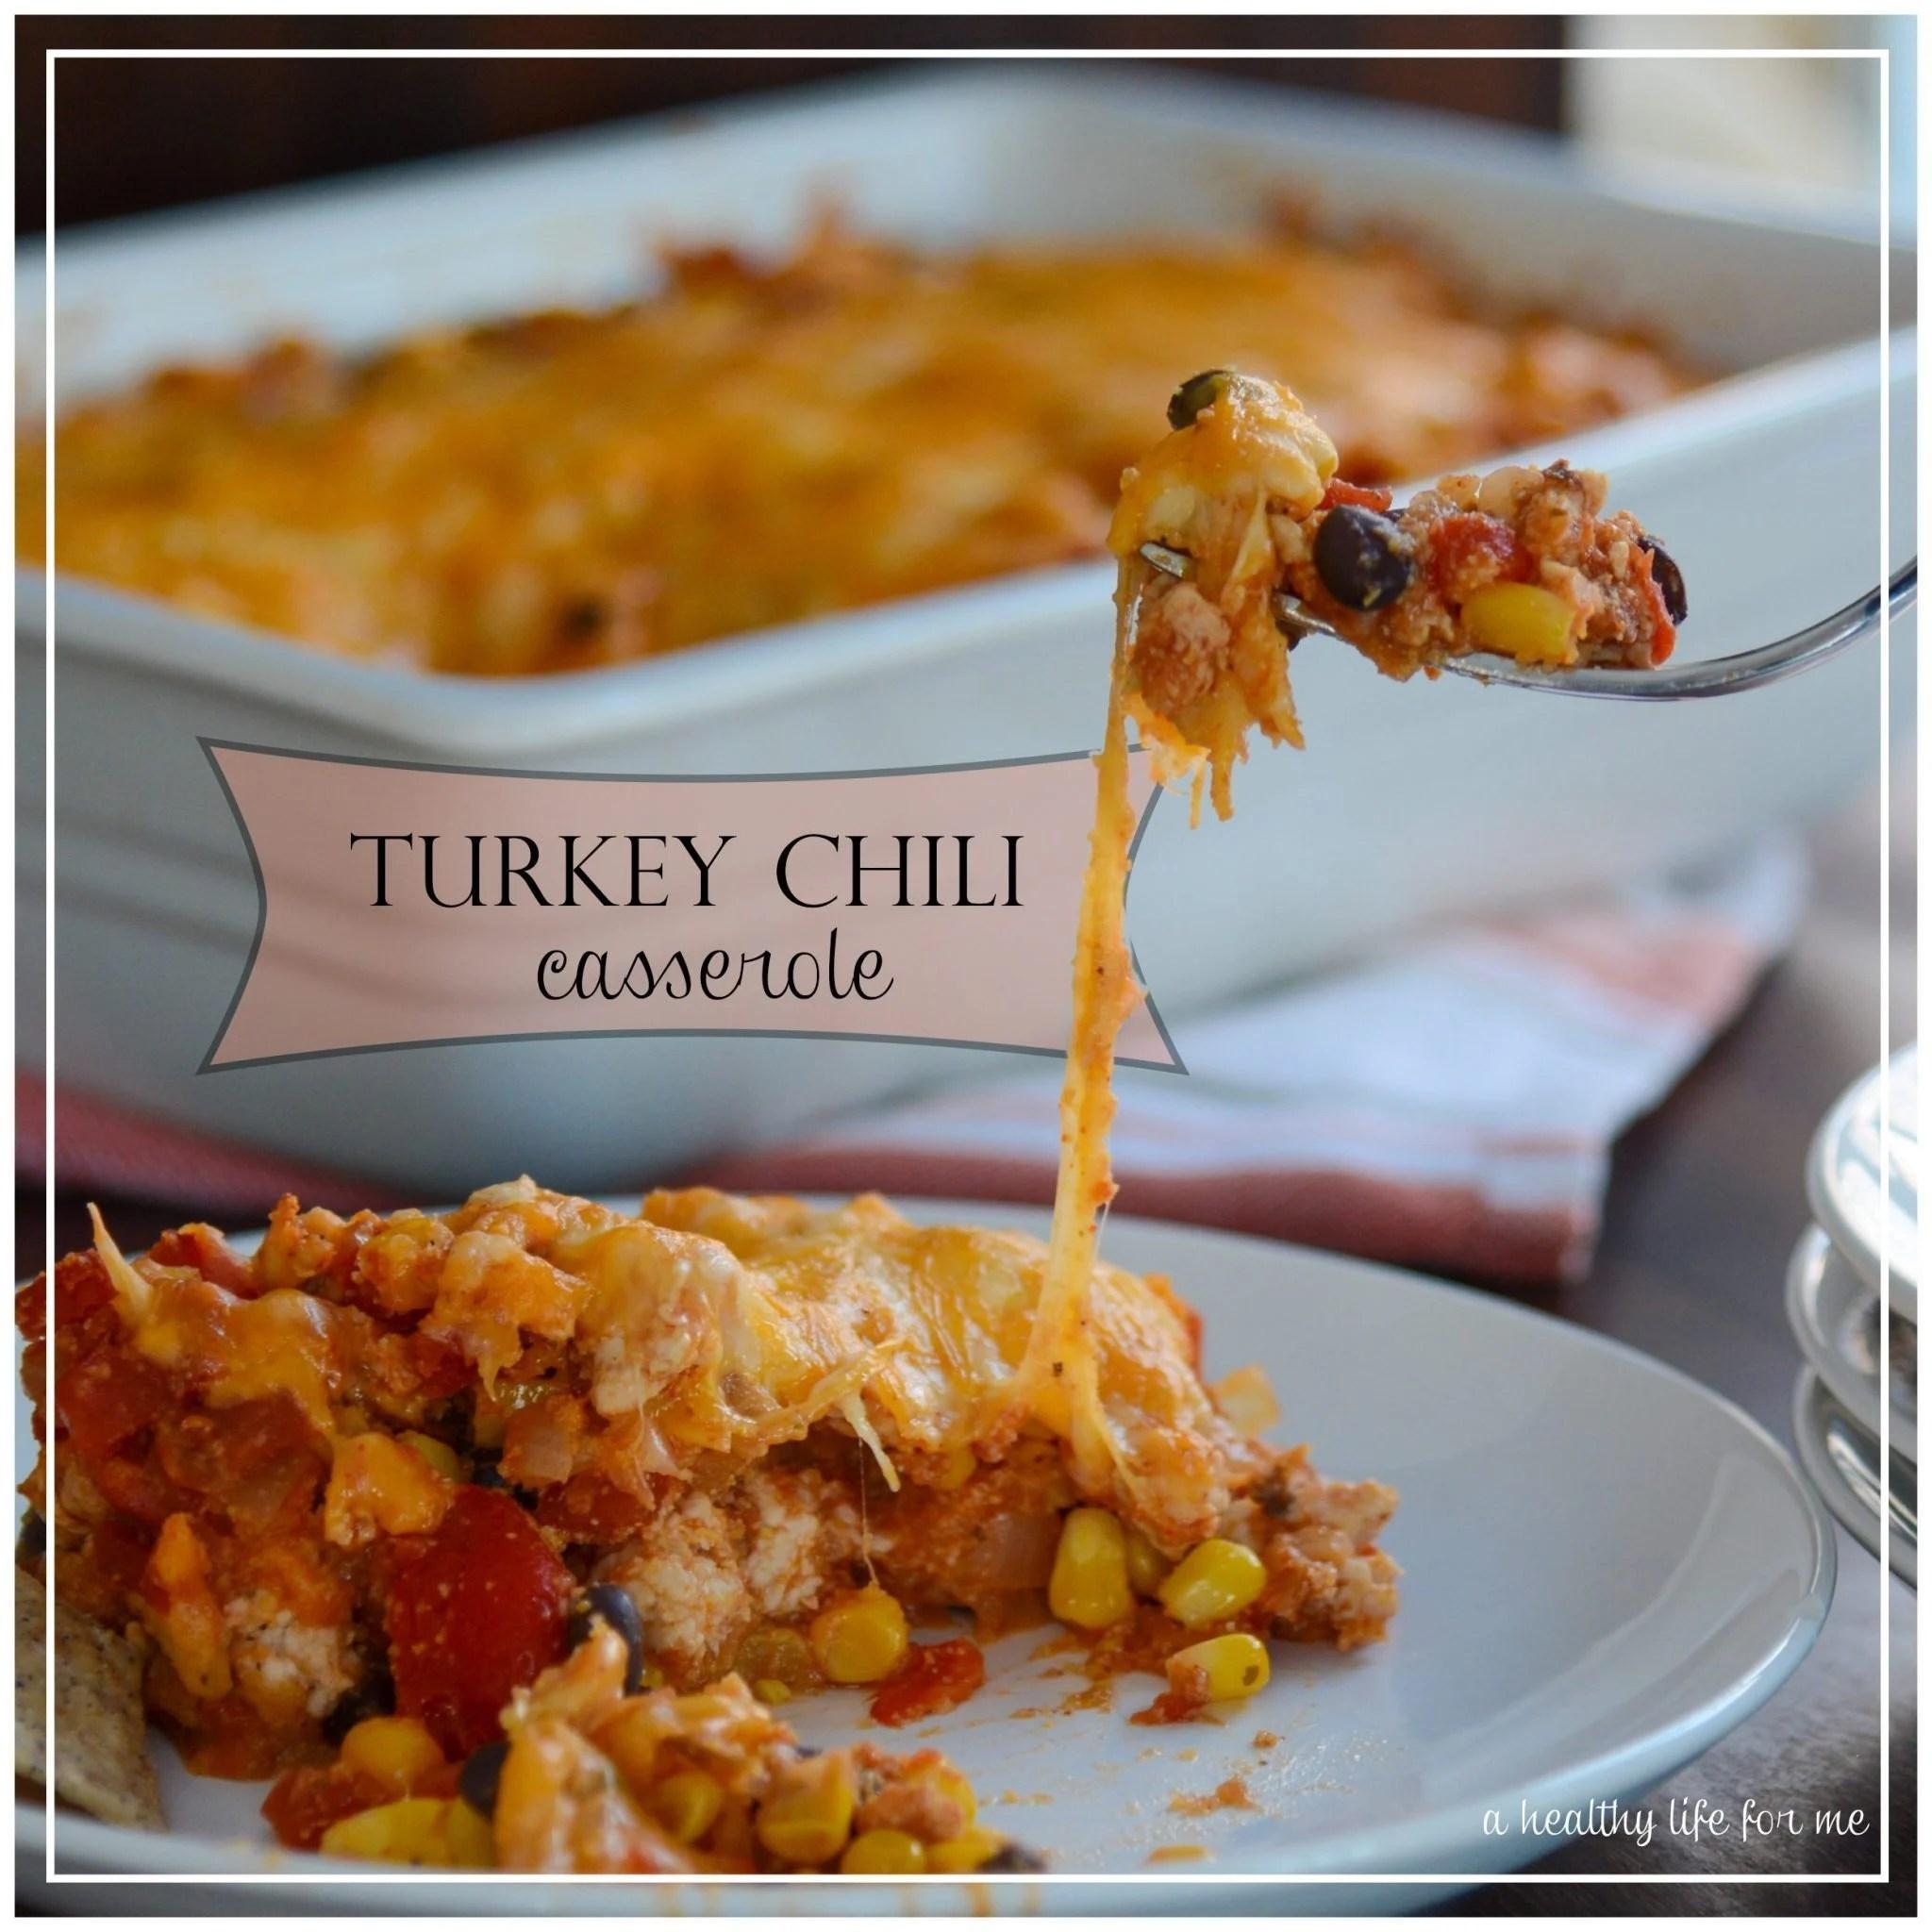 Turkey Chili Casserole